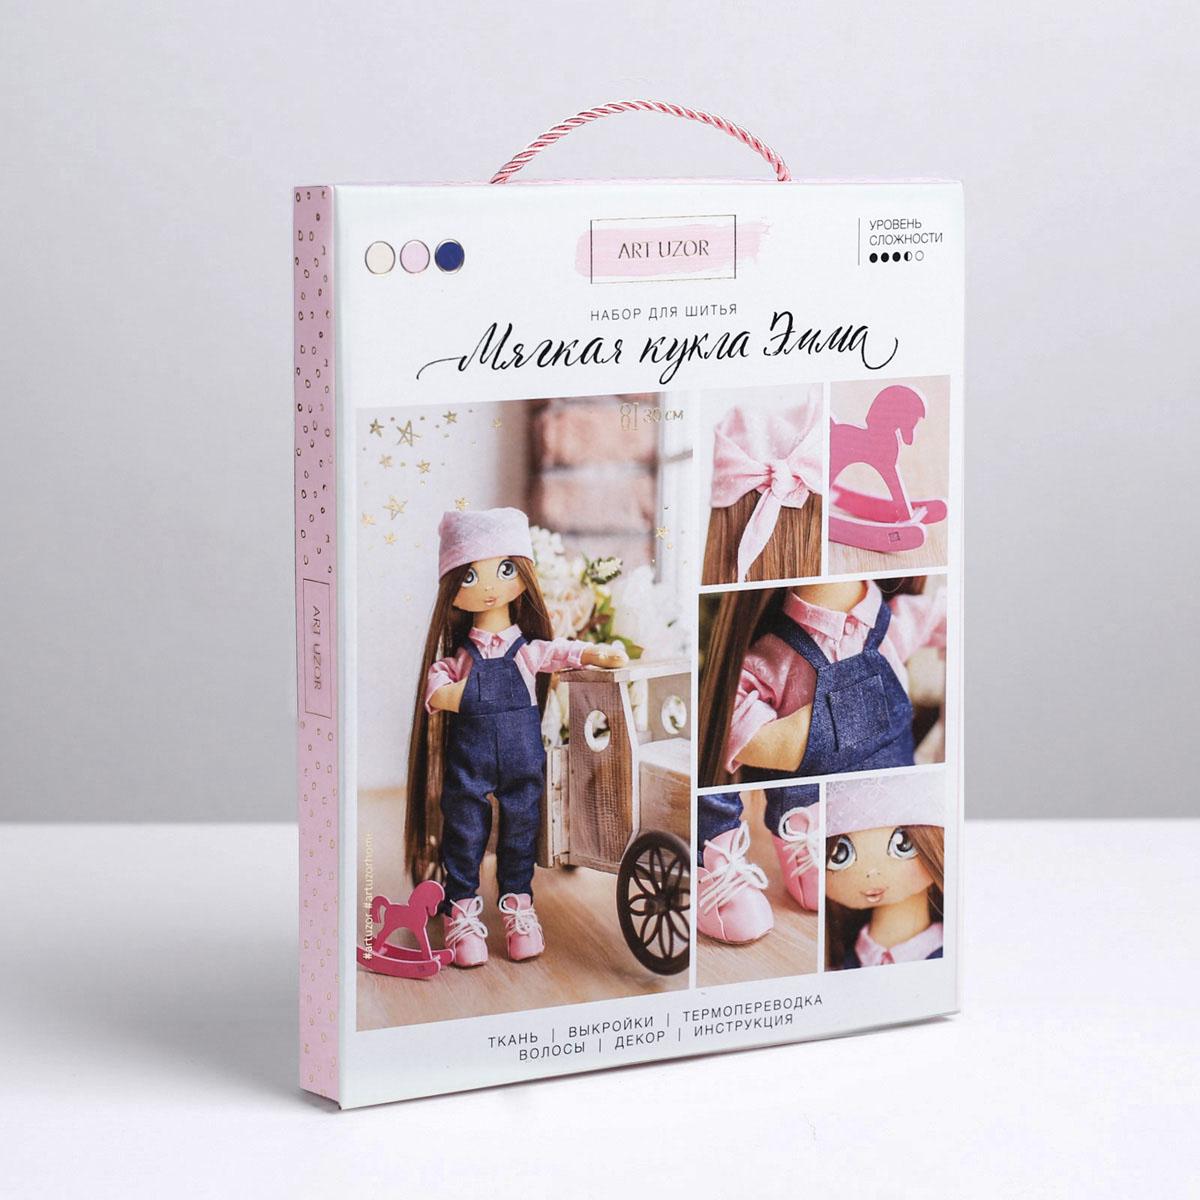 3548671 Интерьерная кукла 'Эмма', набор для шитья, 18*22.5*3 см